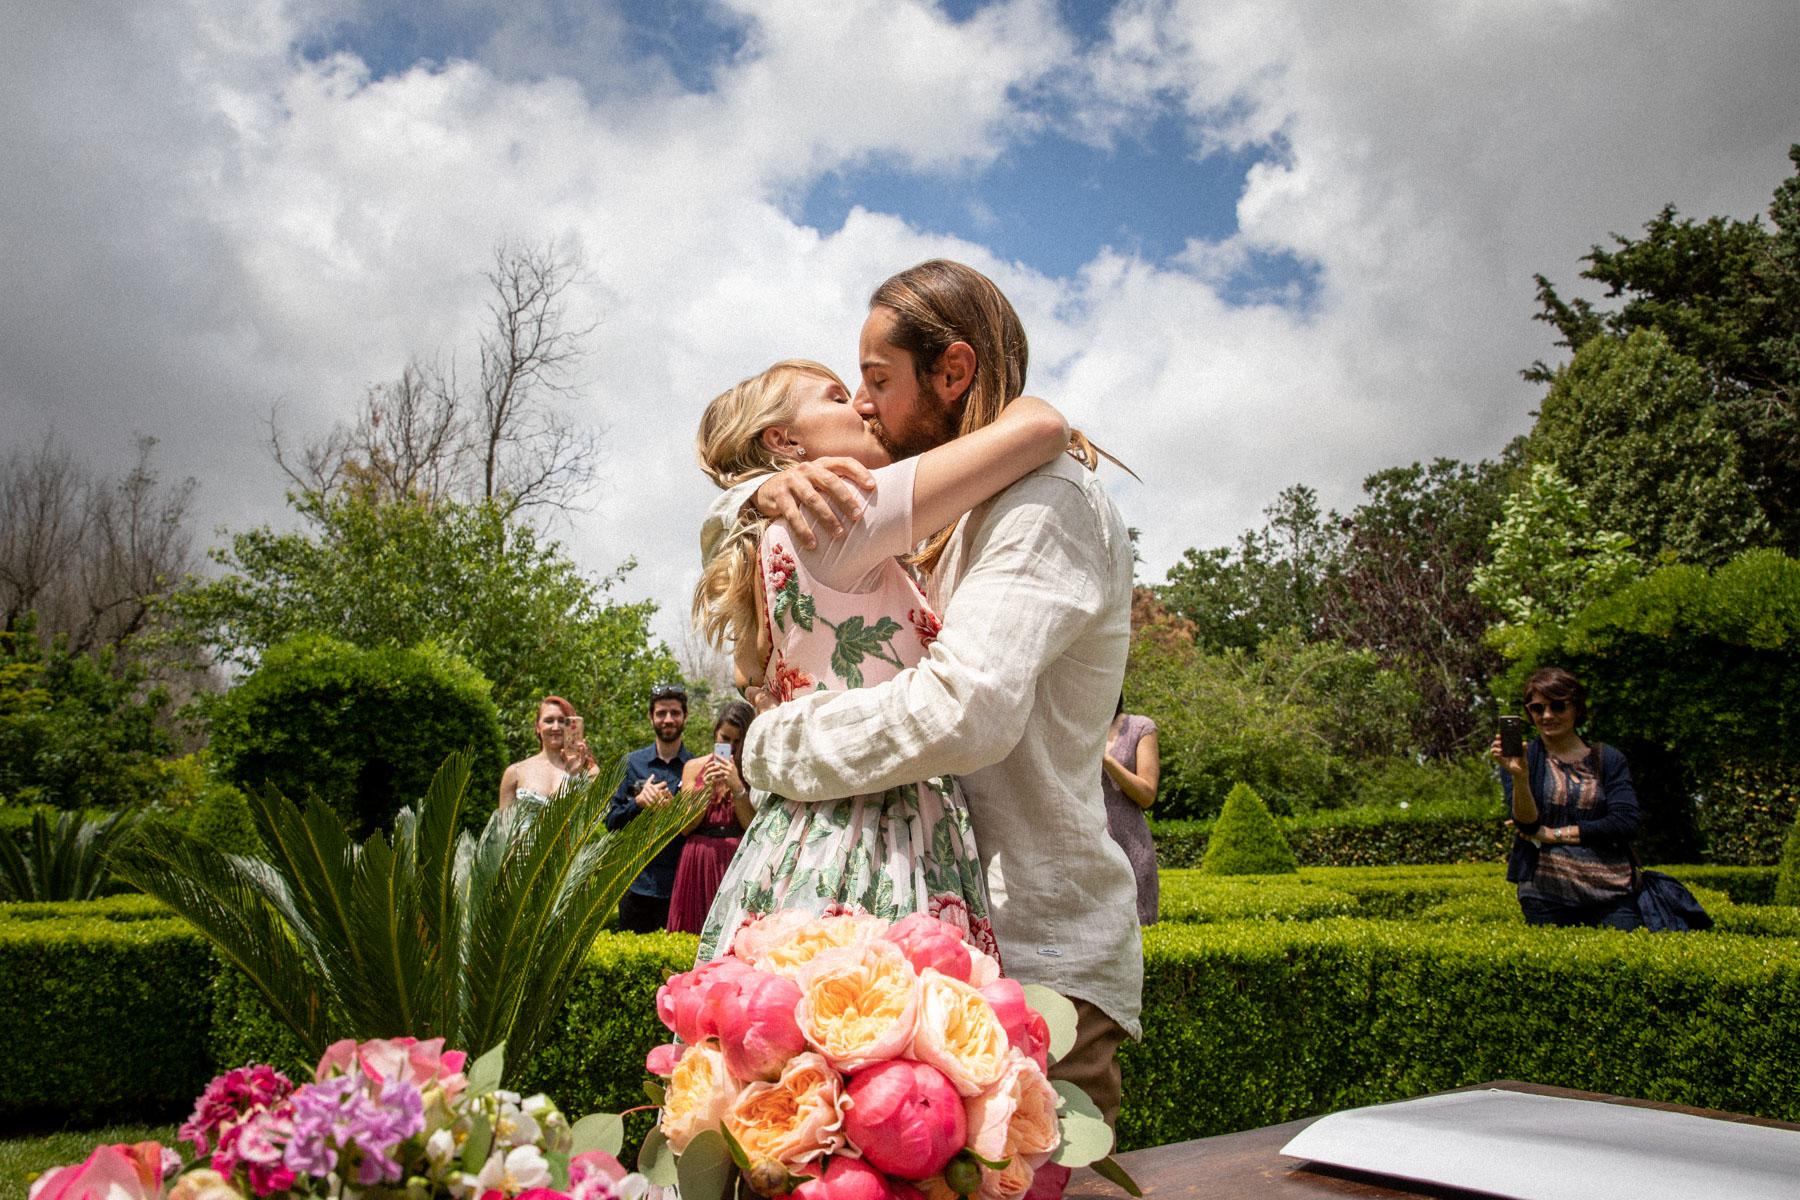 Cérémonie d'élimination des Pouilles Italie Image du jardin italien | La cérémonie de mariage s'est terminée par un baiser passionné